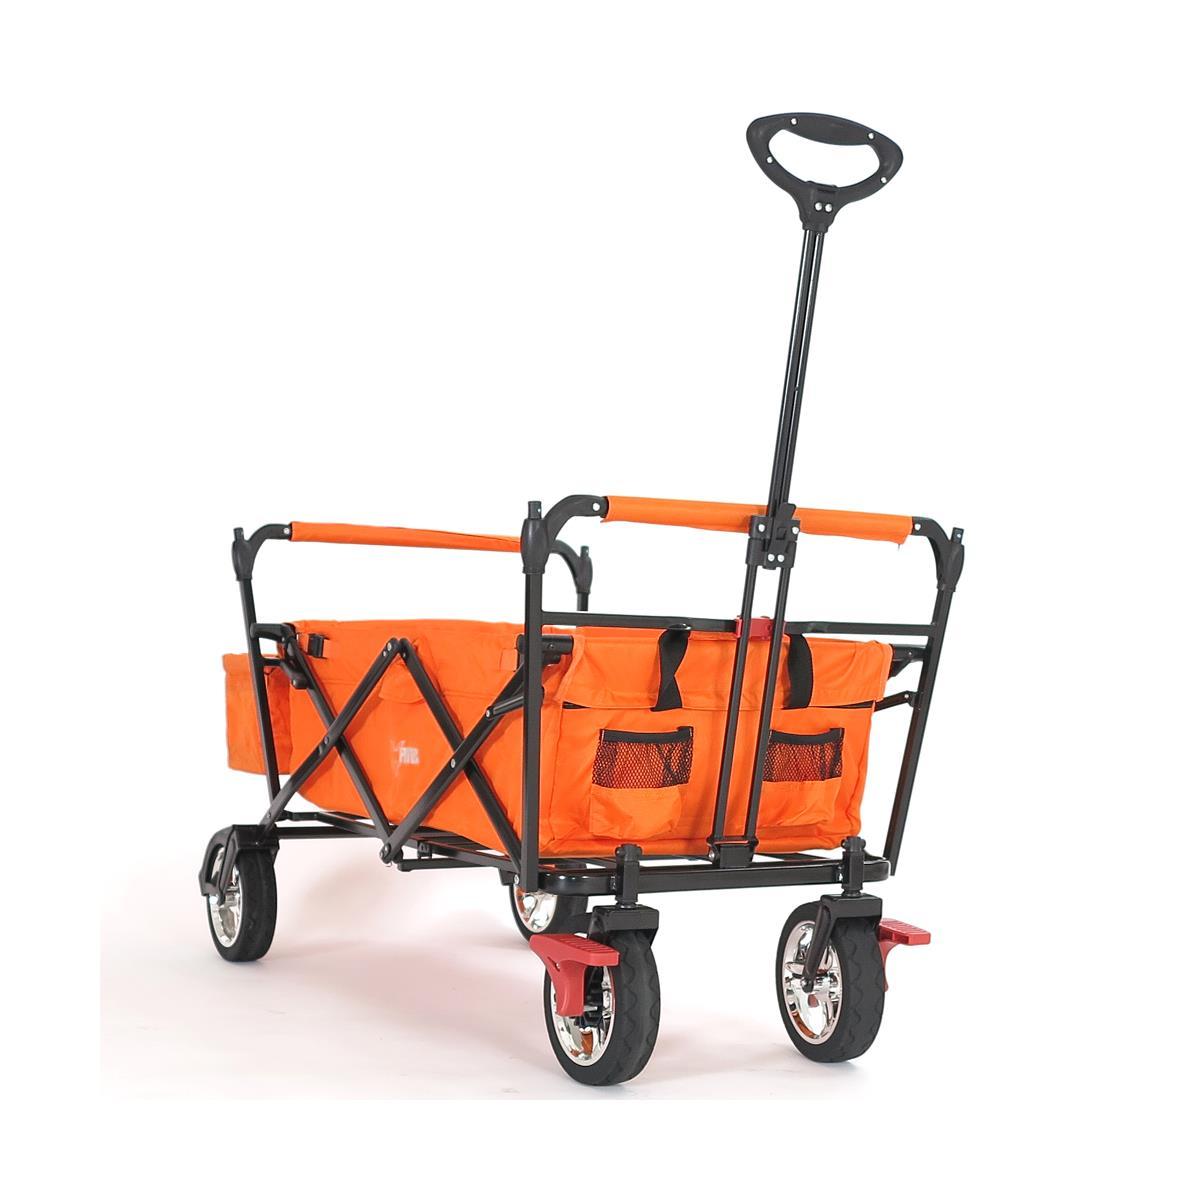 fuxtec bollerwagen ct 500or mit sonnendach 2 bollerwagen. Black Bedroom Furniture Sets. Home Design Ideas